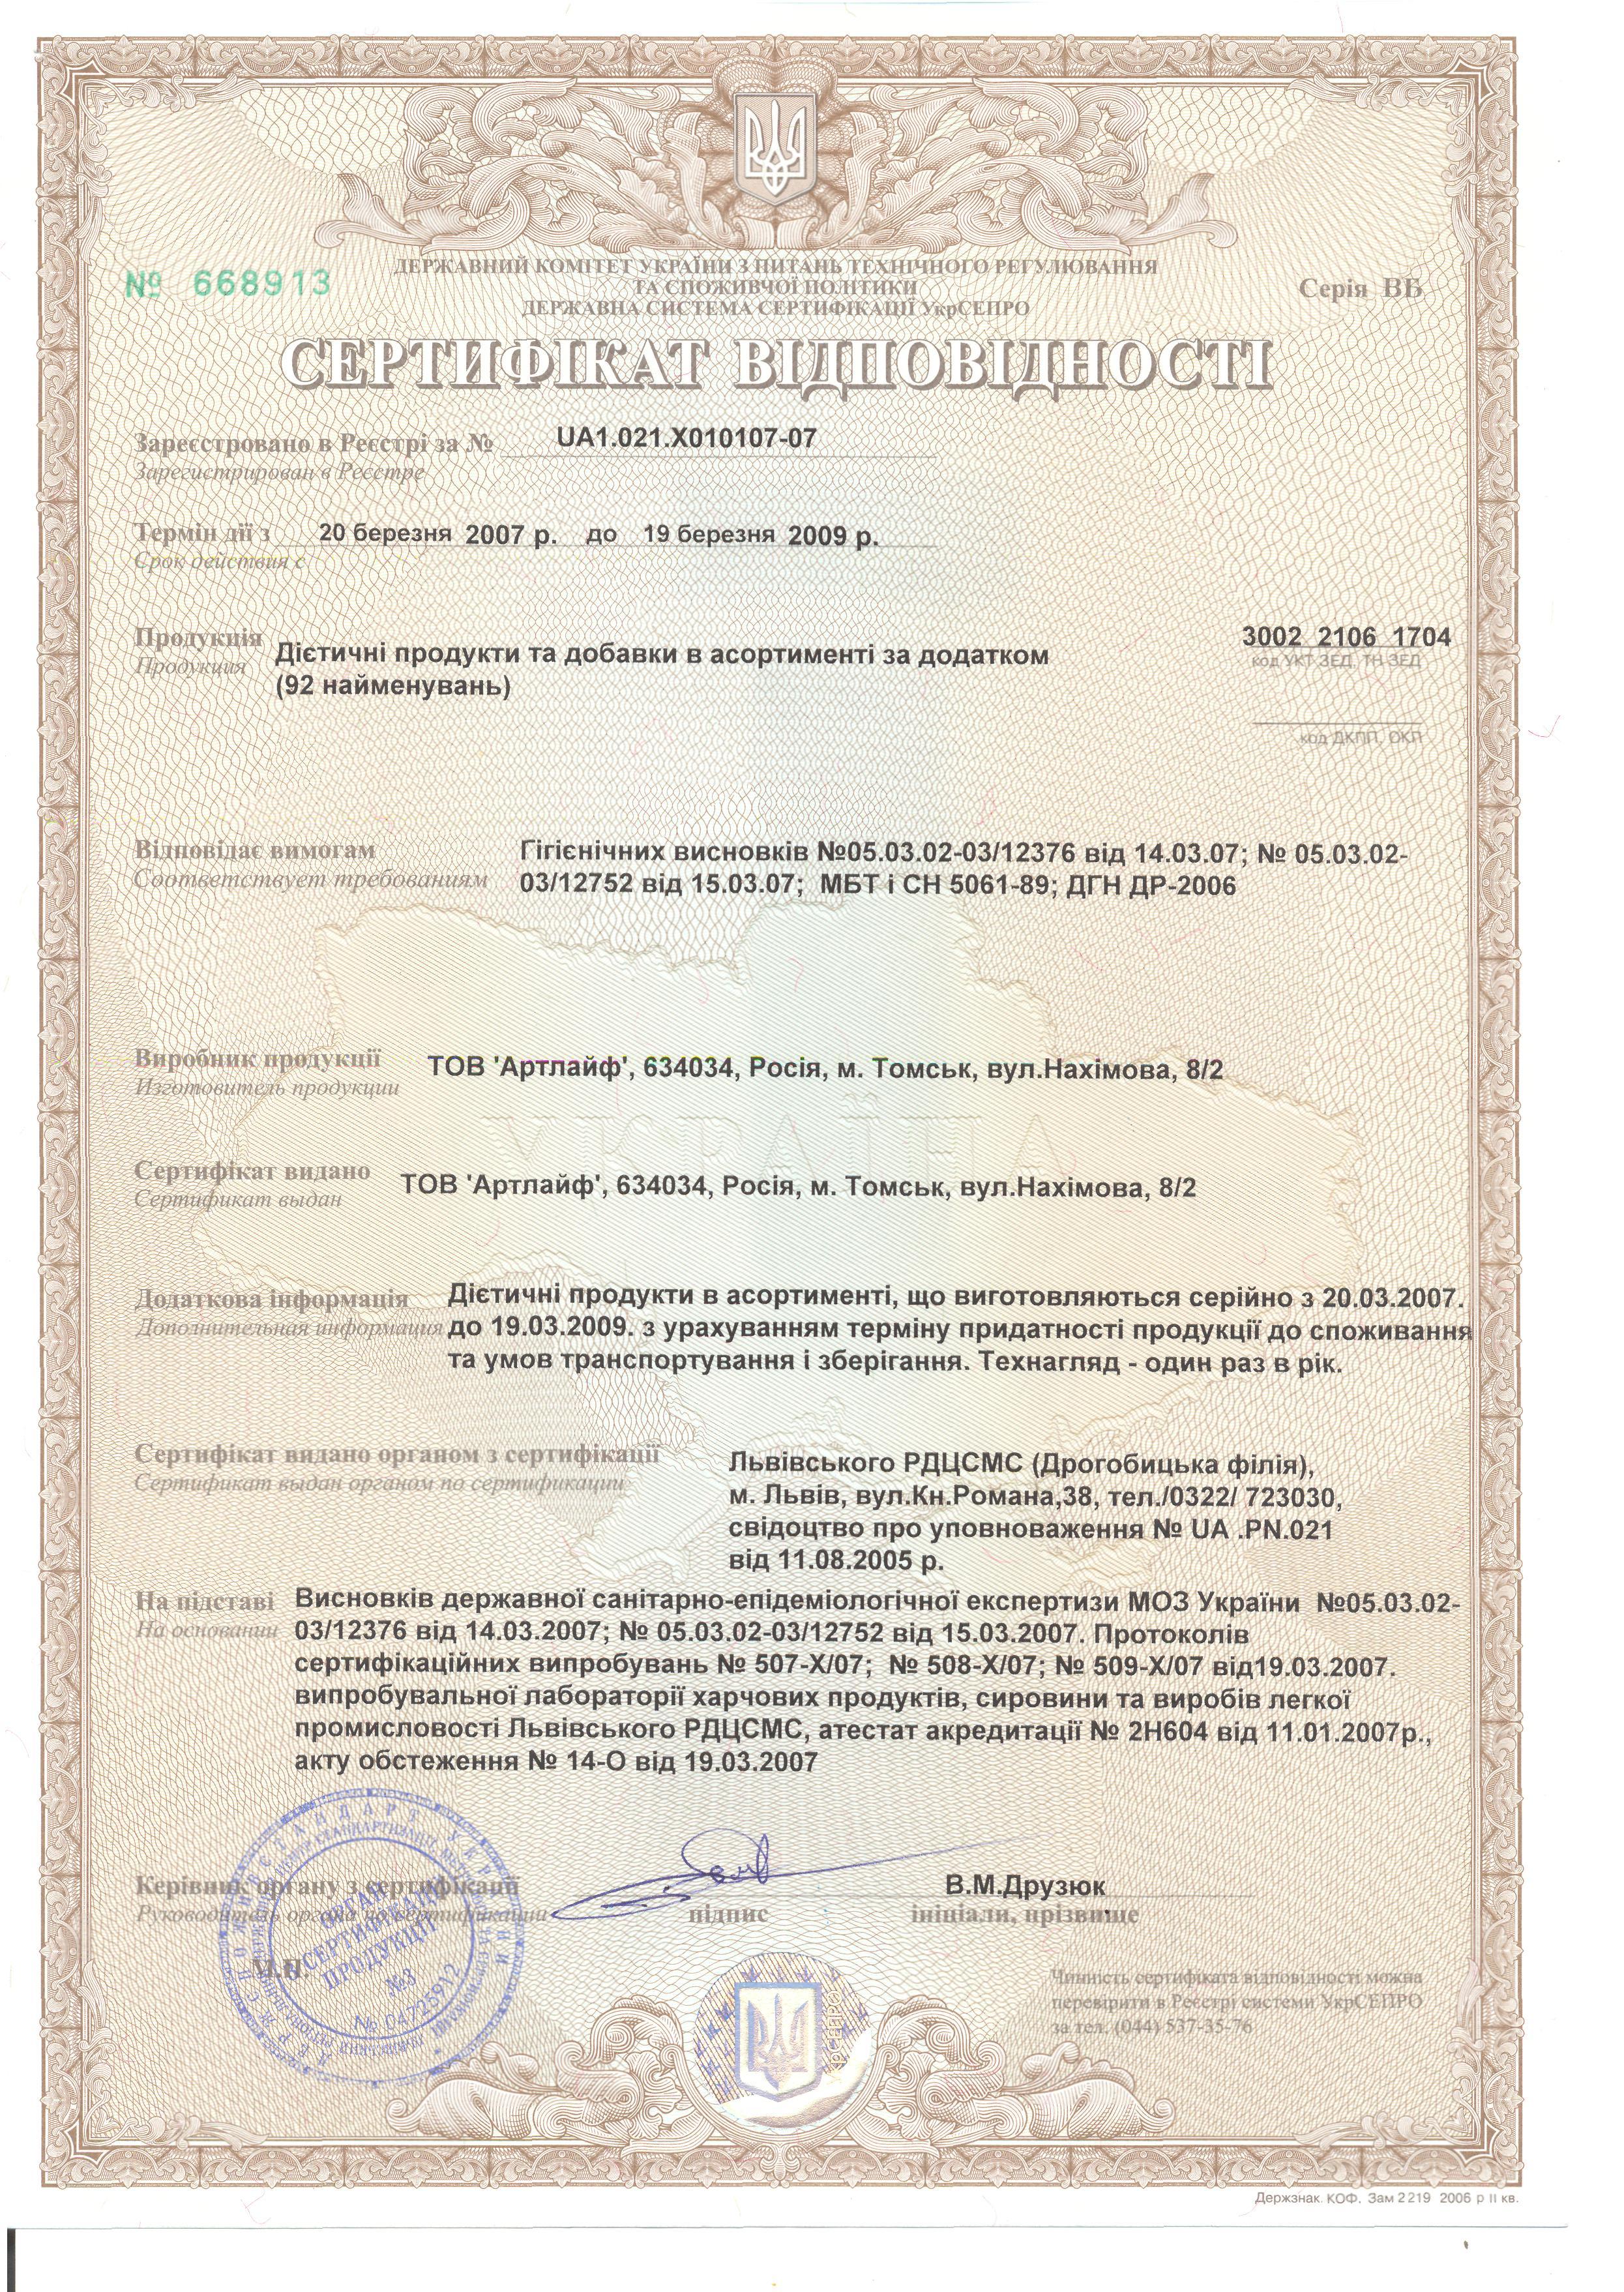 Сертификация витаминов в украине сертификация кормов и кормовых добавок установленным требованиям